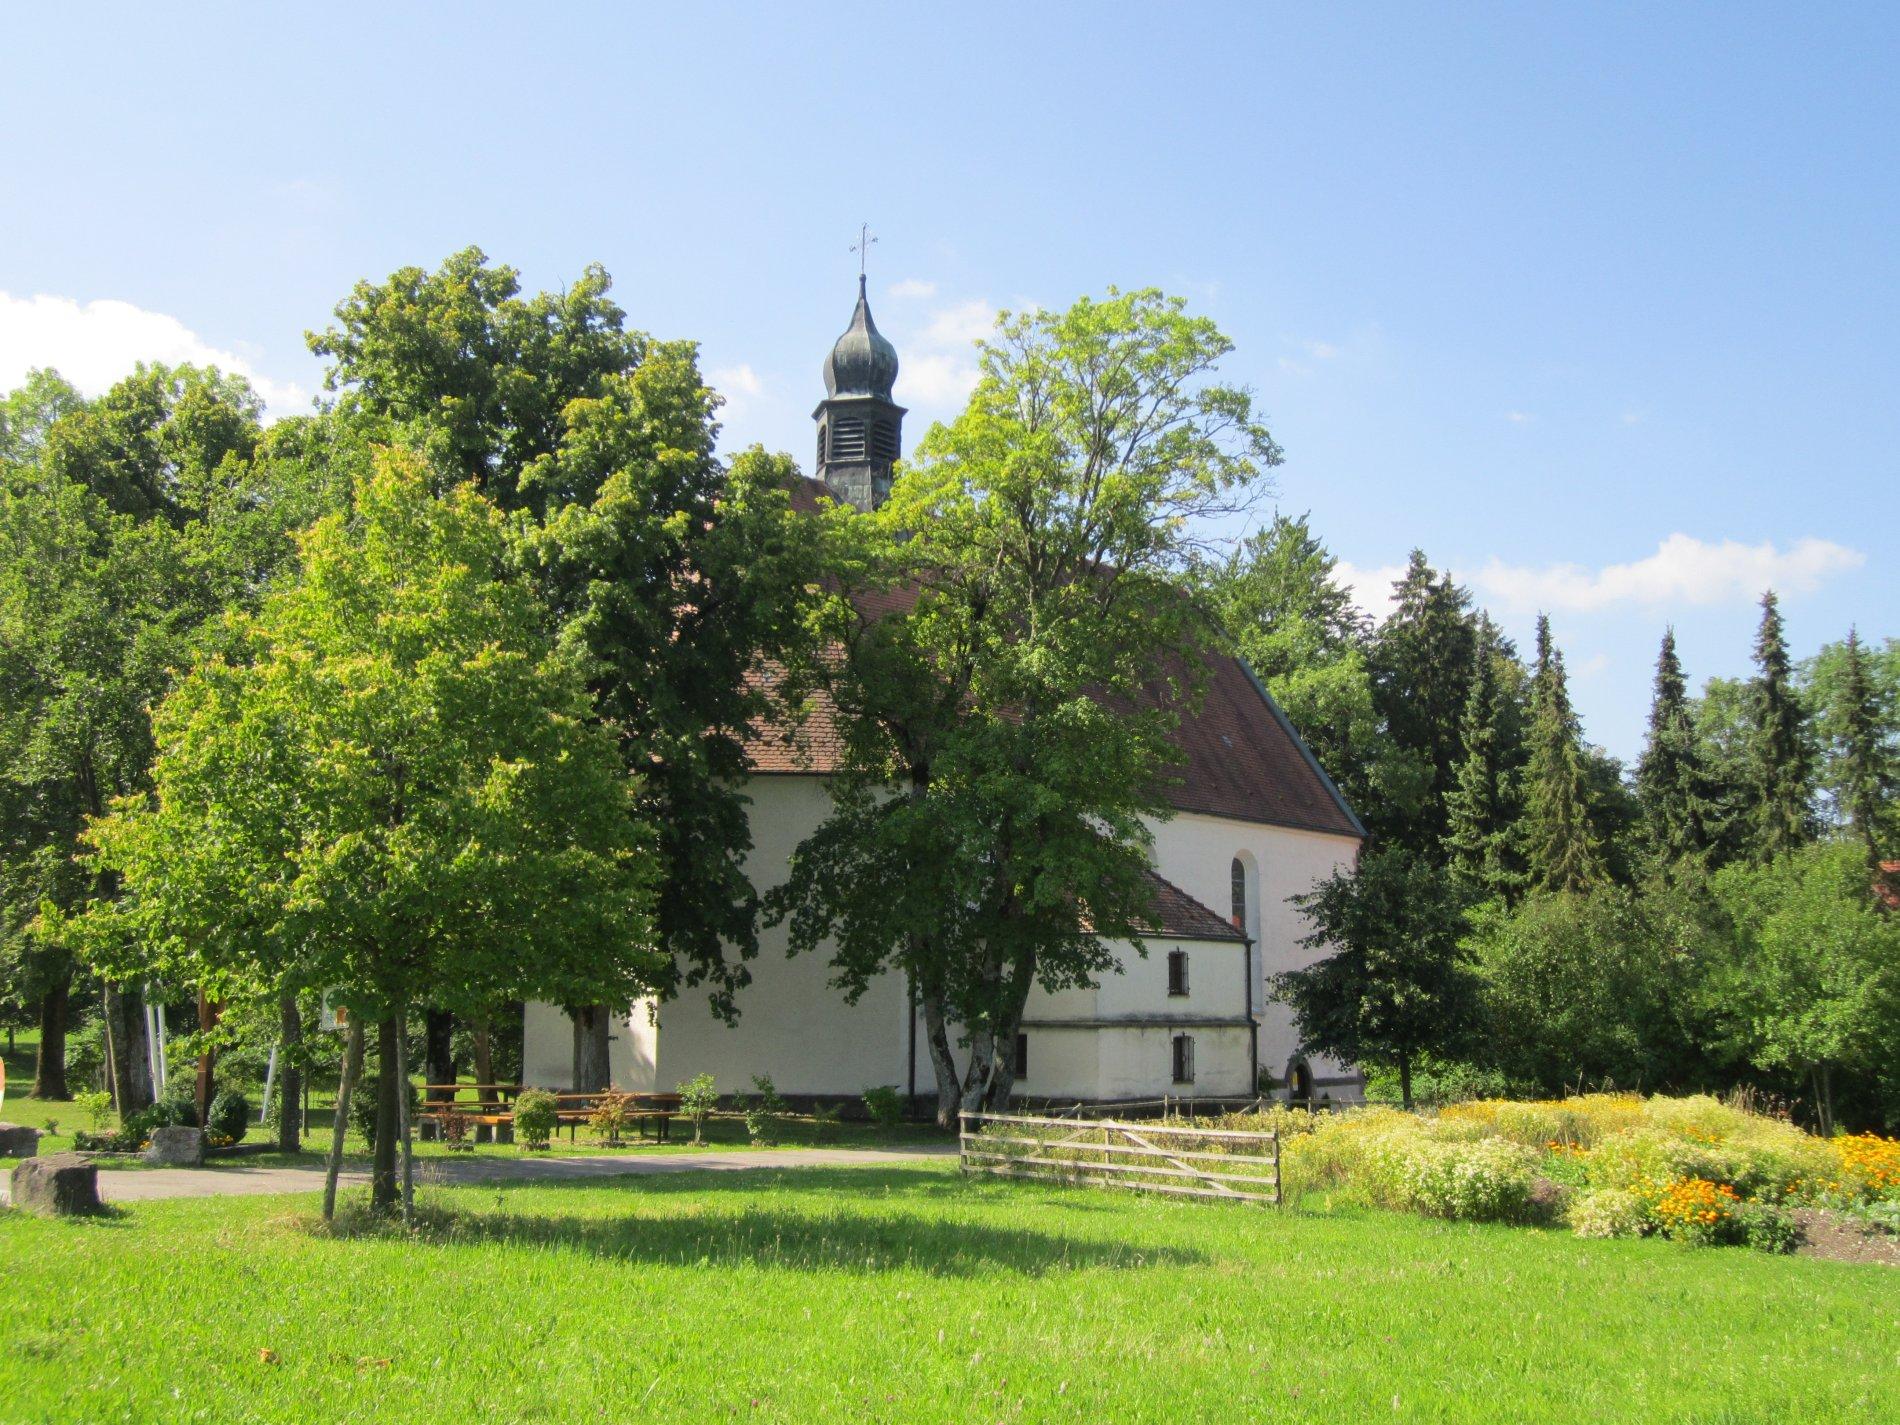 Die Wallfahrtskirche ist halb versteckt durch einige Bäume.